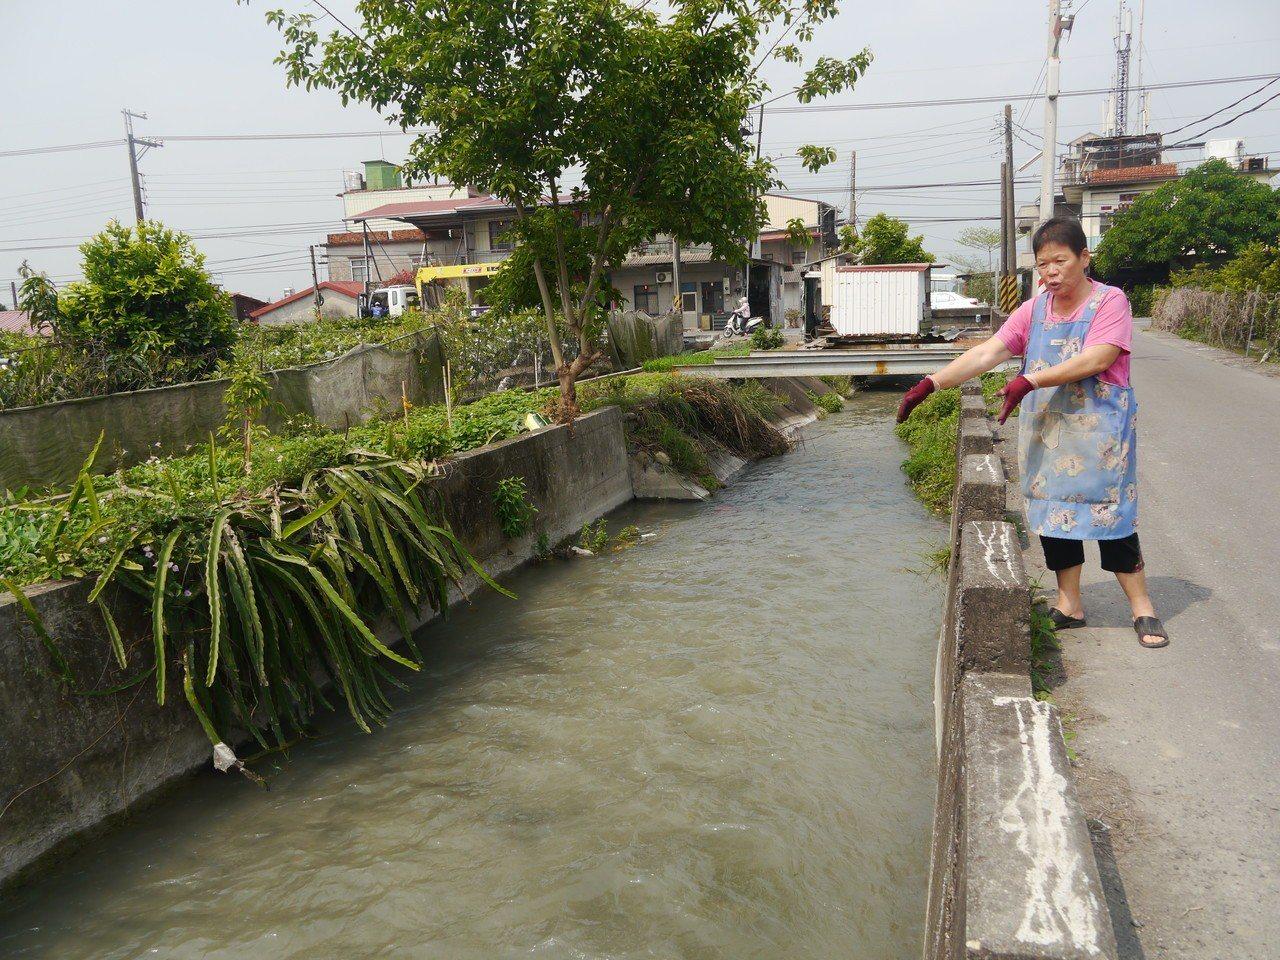 昨天被拍到傾倒芭樂照片的水圳今天放水,灌溉水已經將芭樂沖往下游。記者徐白櫻/攝影